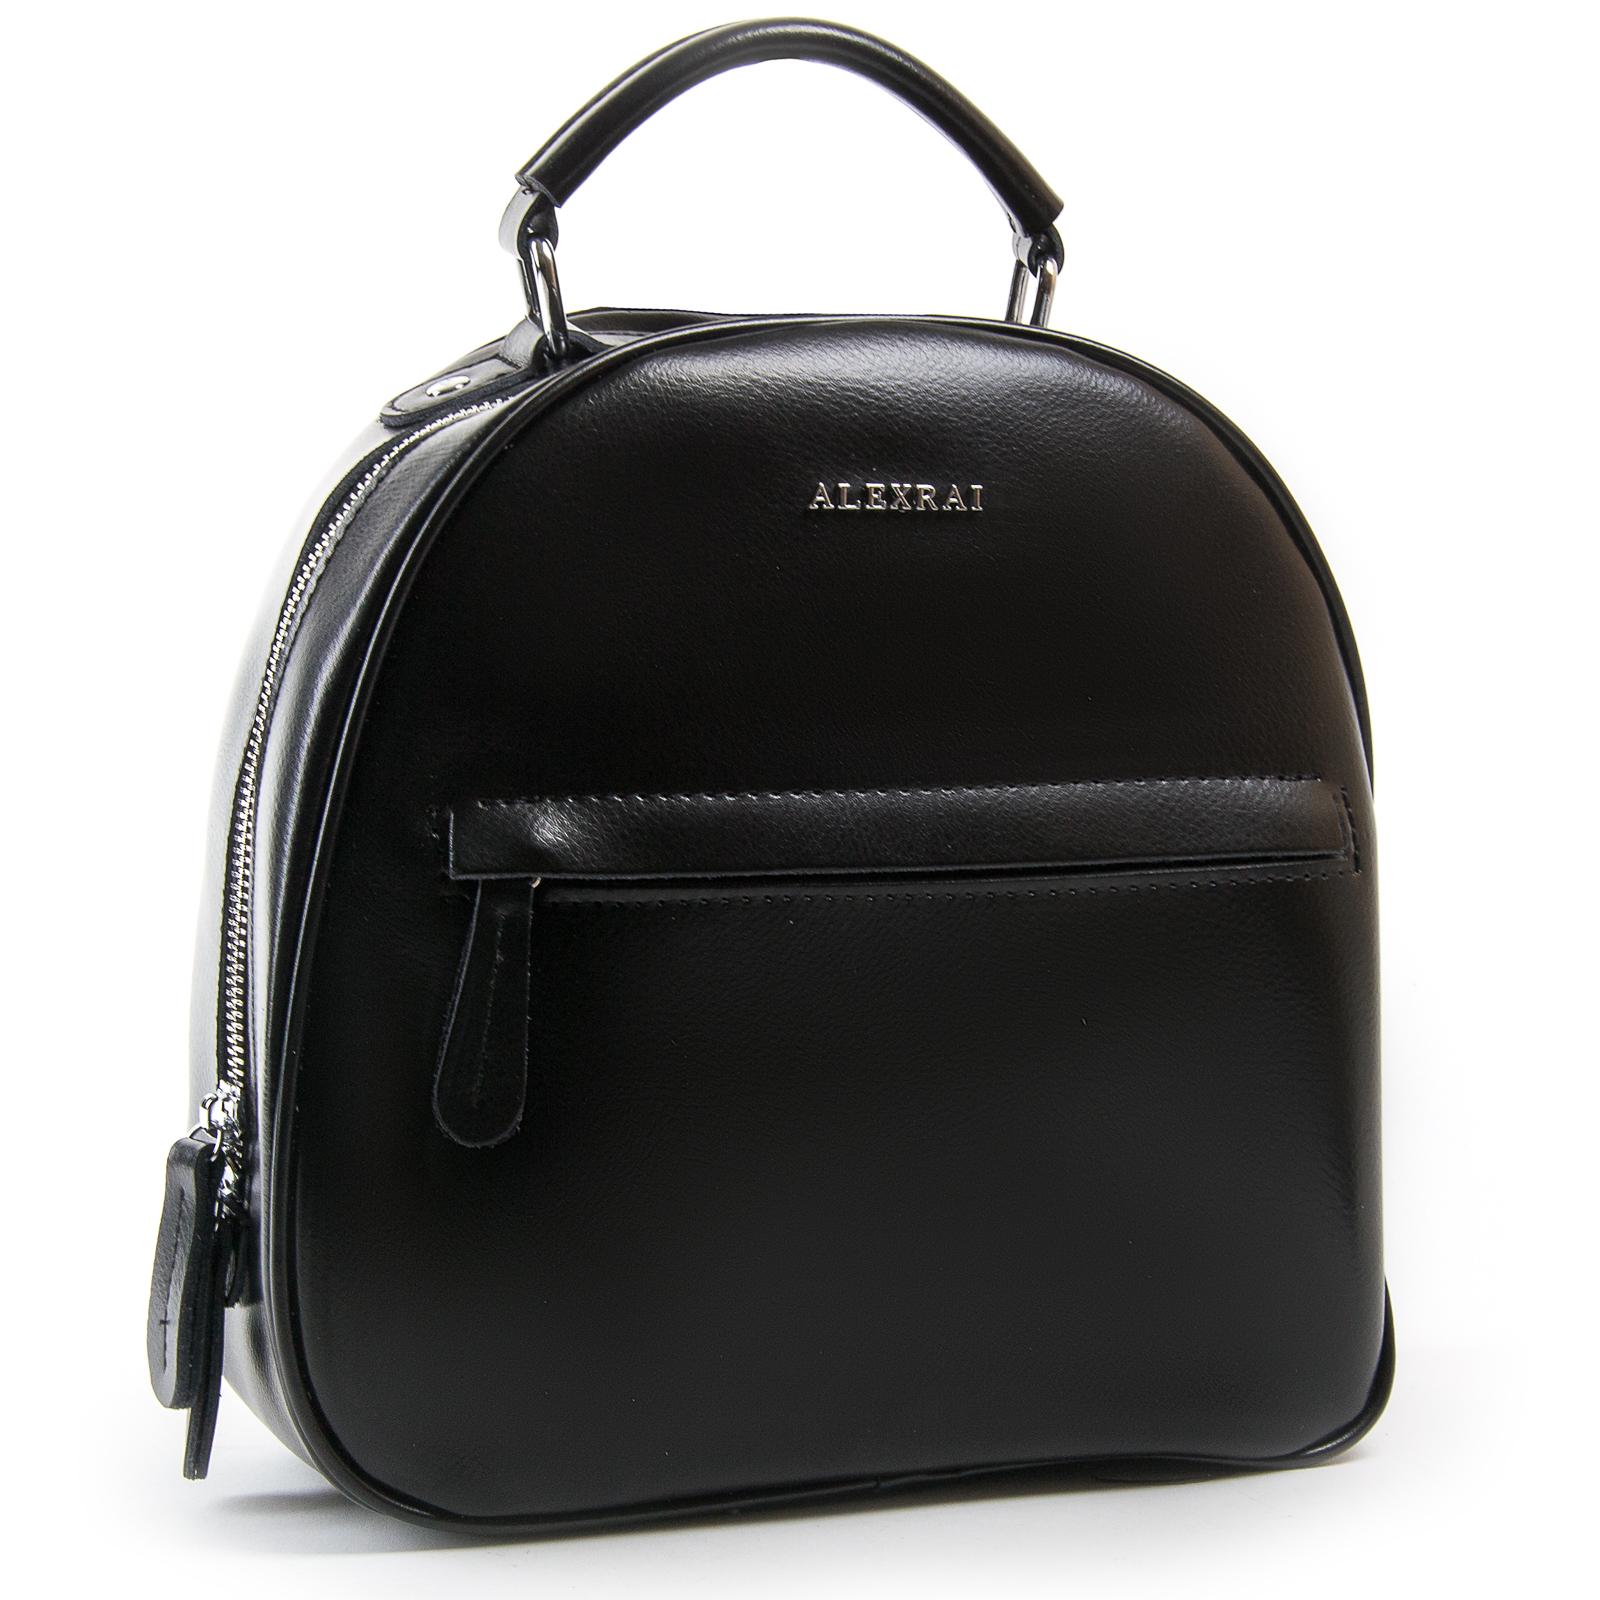 Сумка Женская Рюкзак кожа ALEX RAI 03-01 8715 black